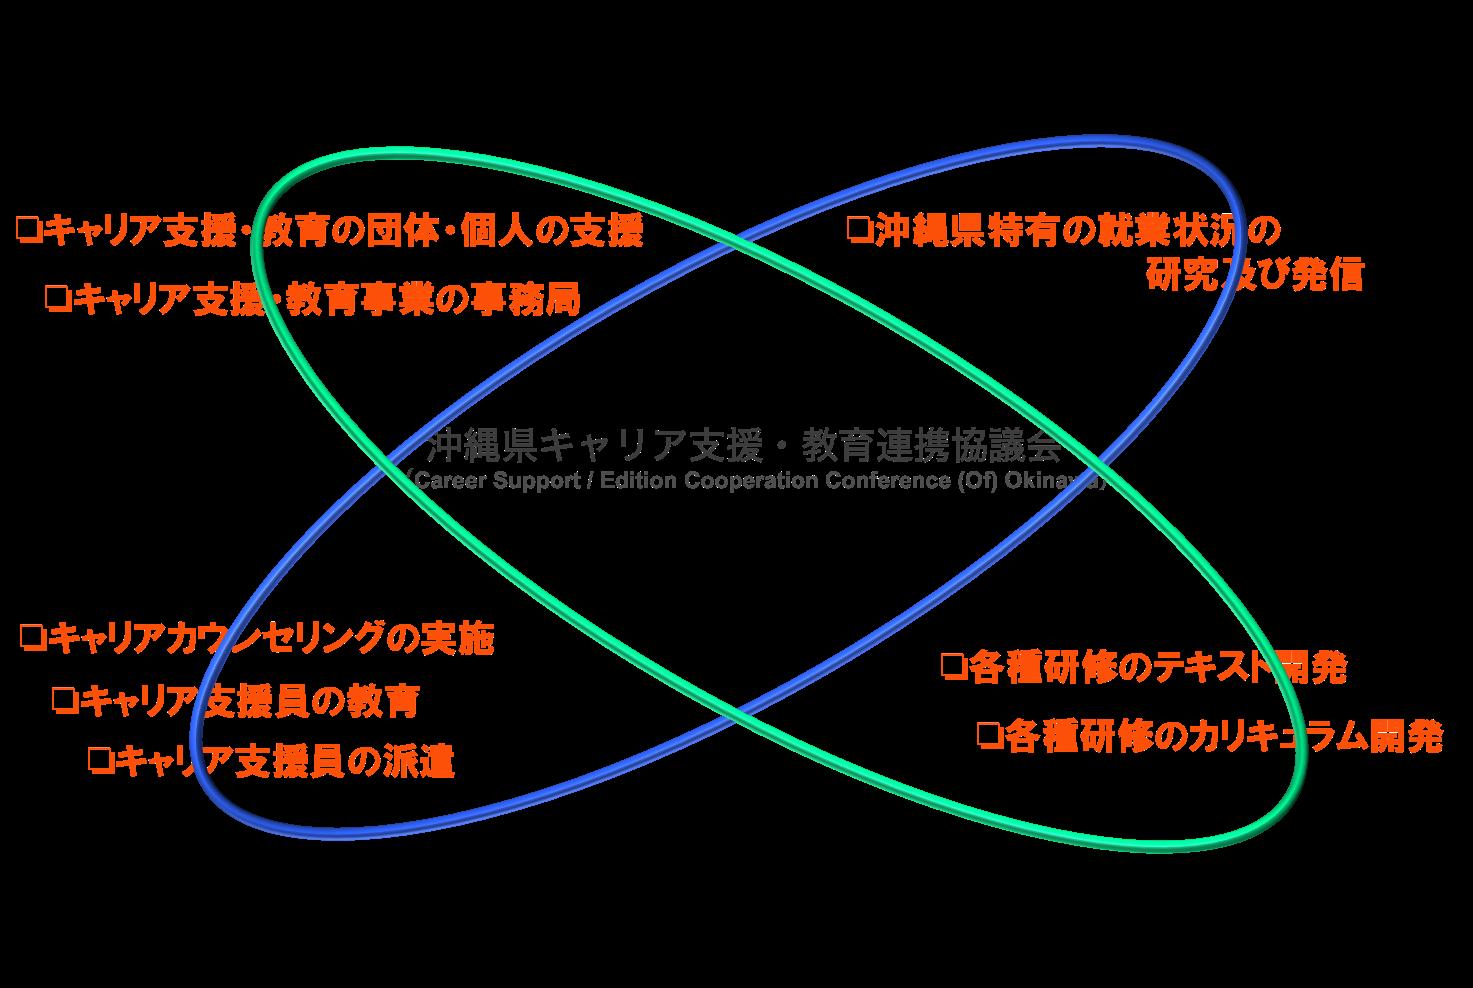 沖キャリ協イメージ図